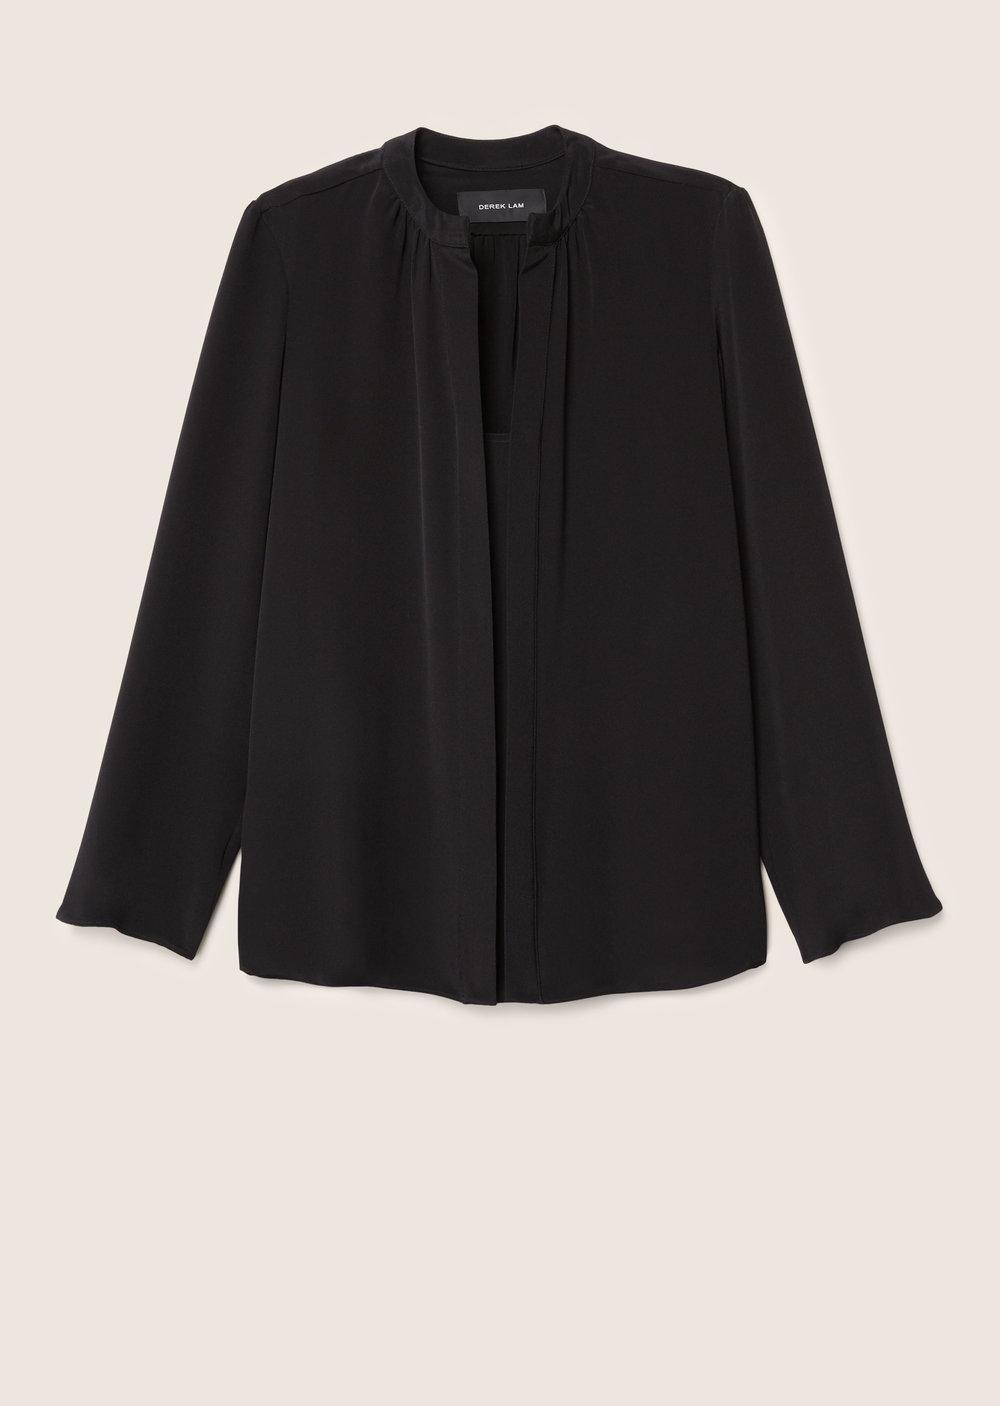 Derek Lam Kara Long Sleeve Blouse In Black